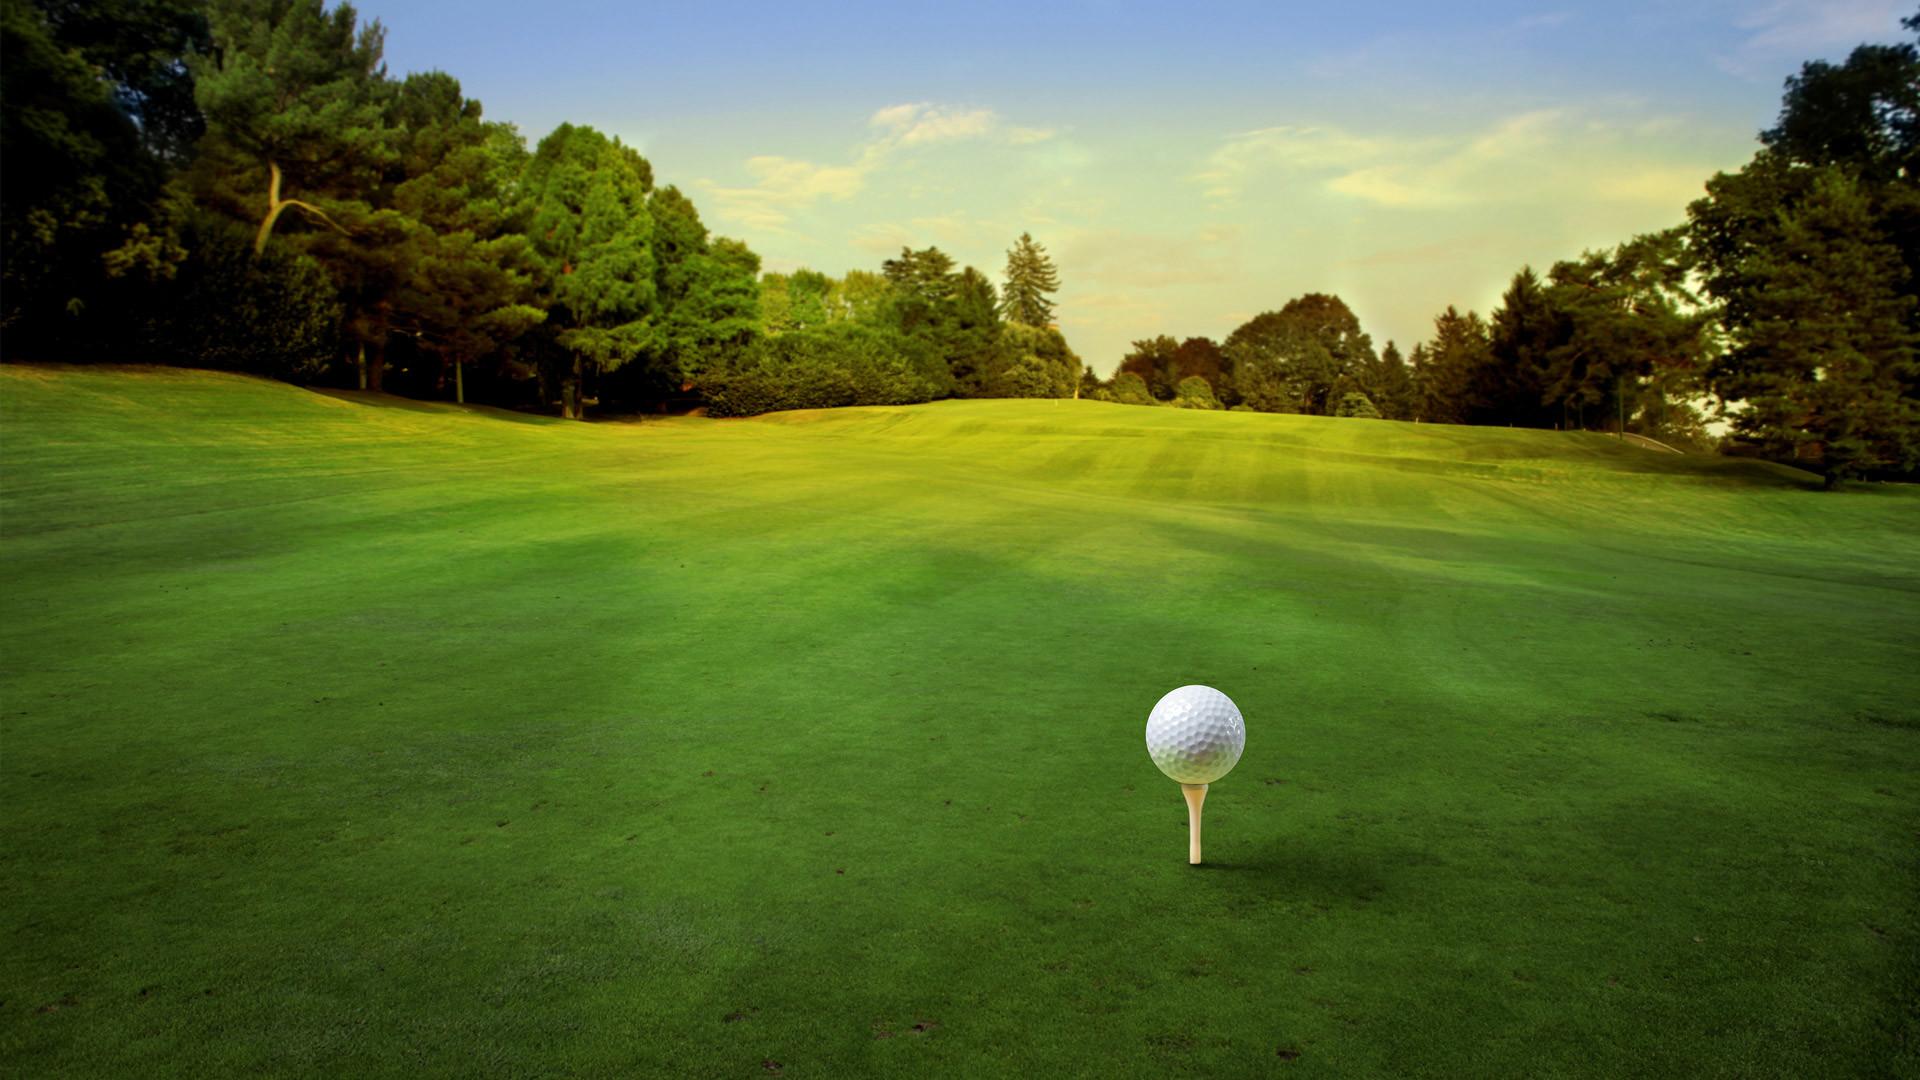 Free <b>Golf Wallpaper</b> Images – WallpaperSafari